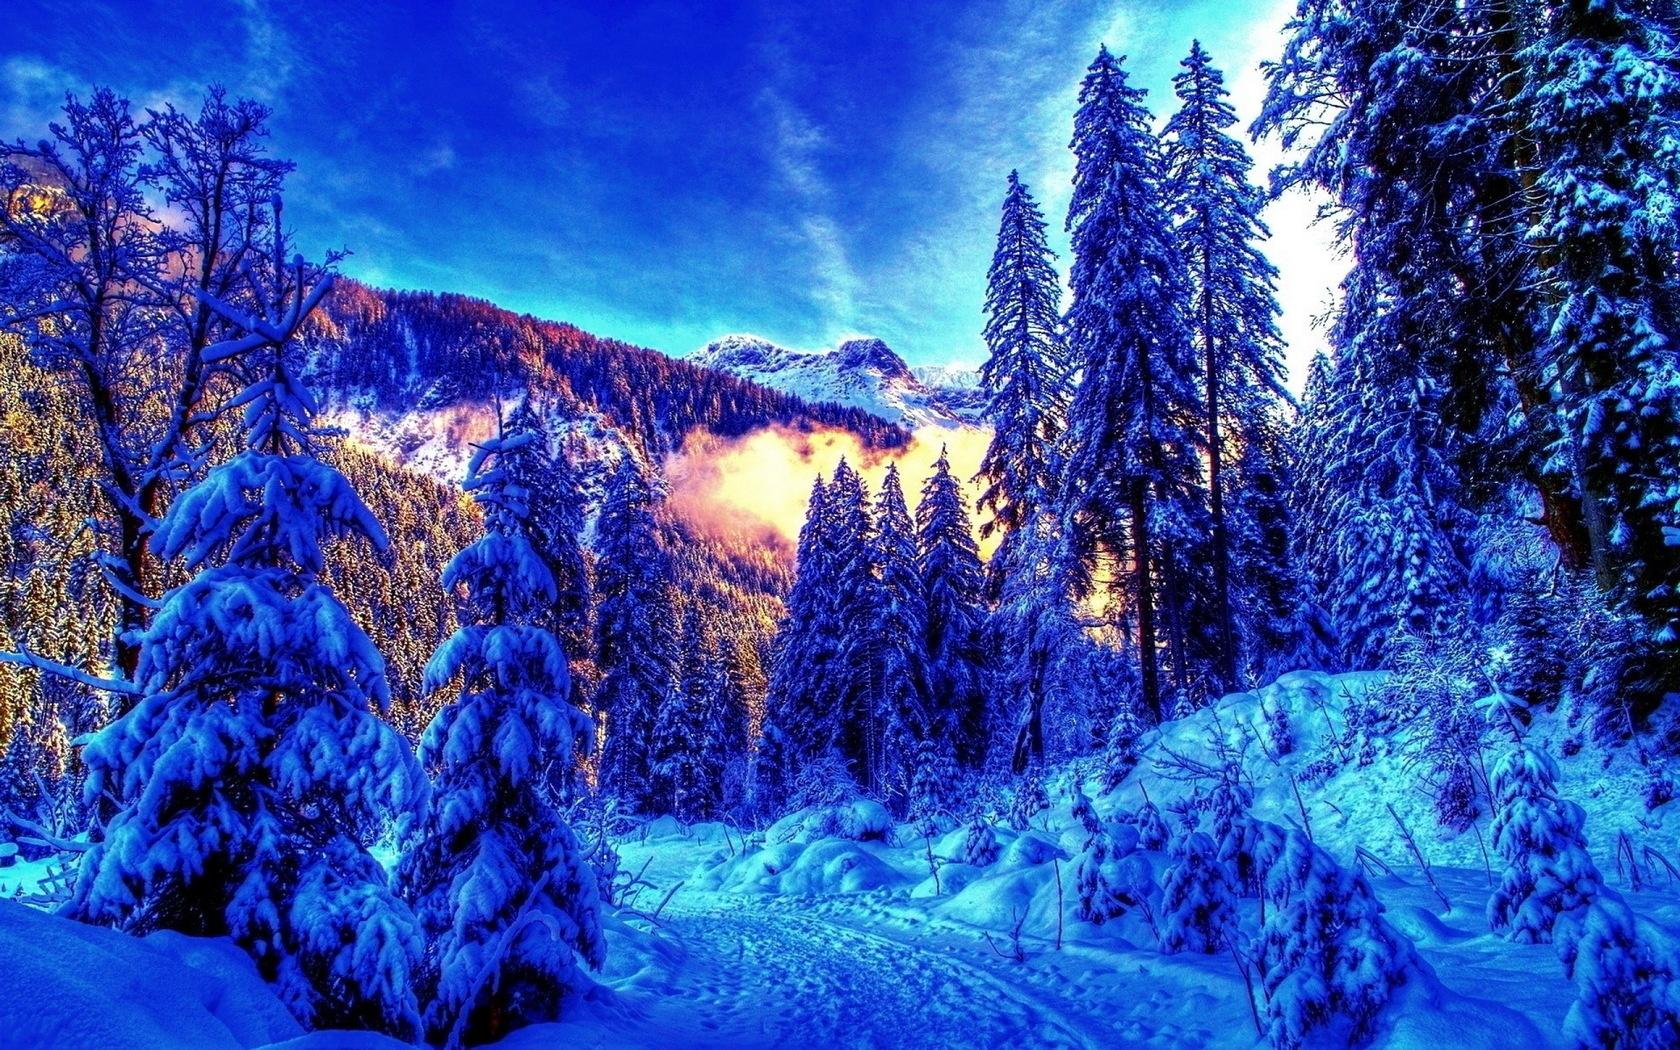 картинки зима для компа популярное все